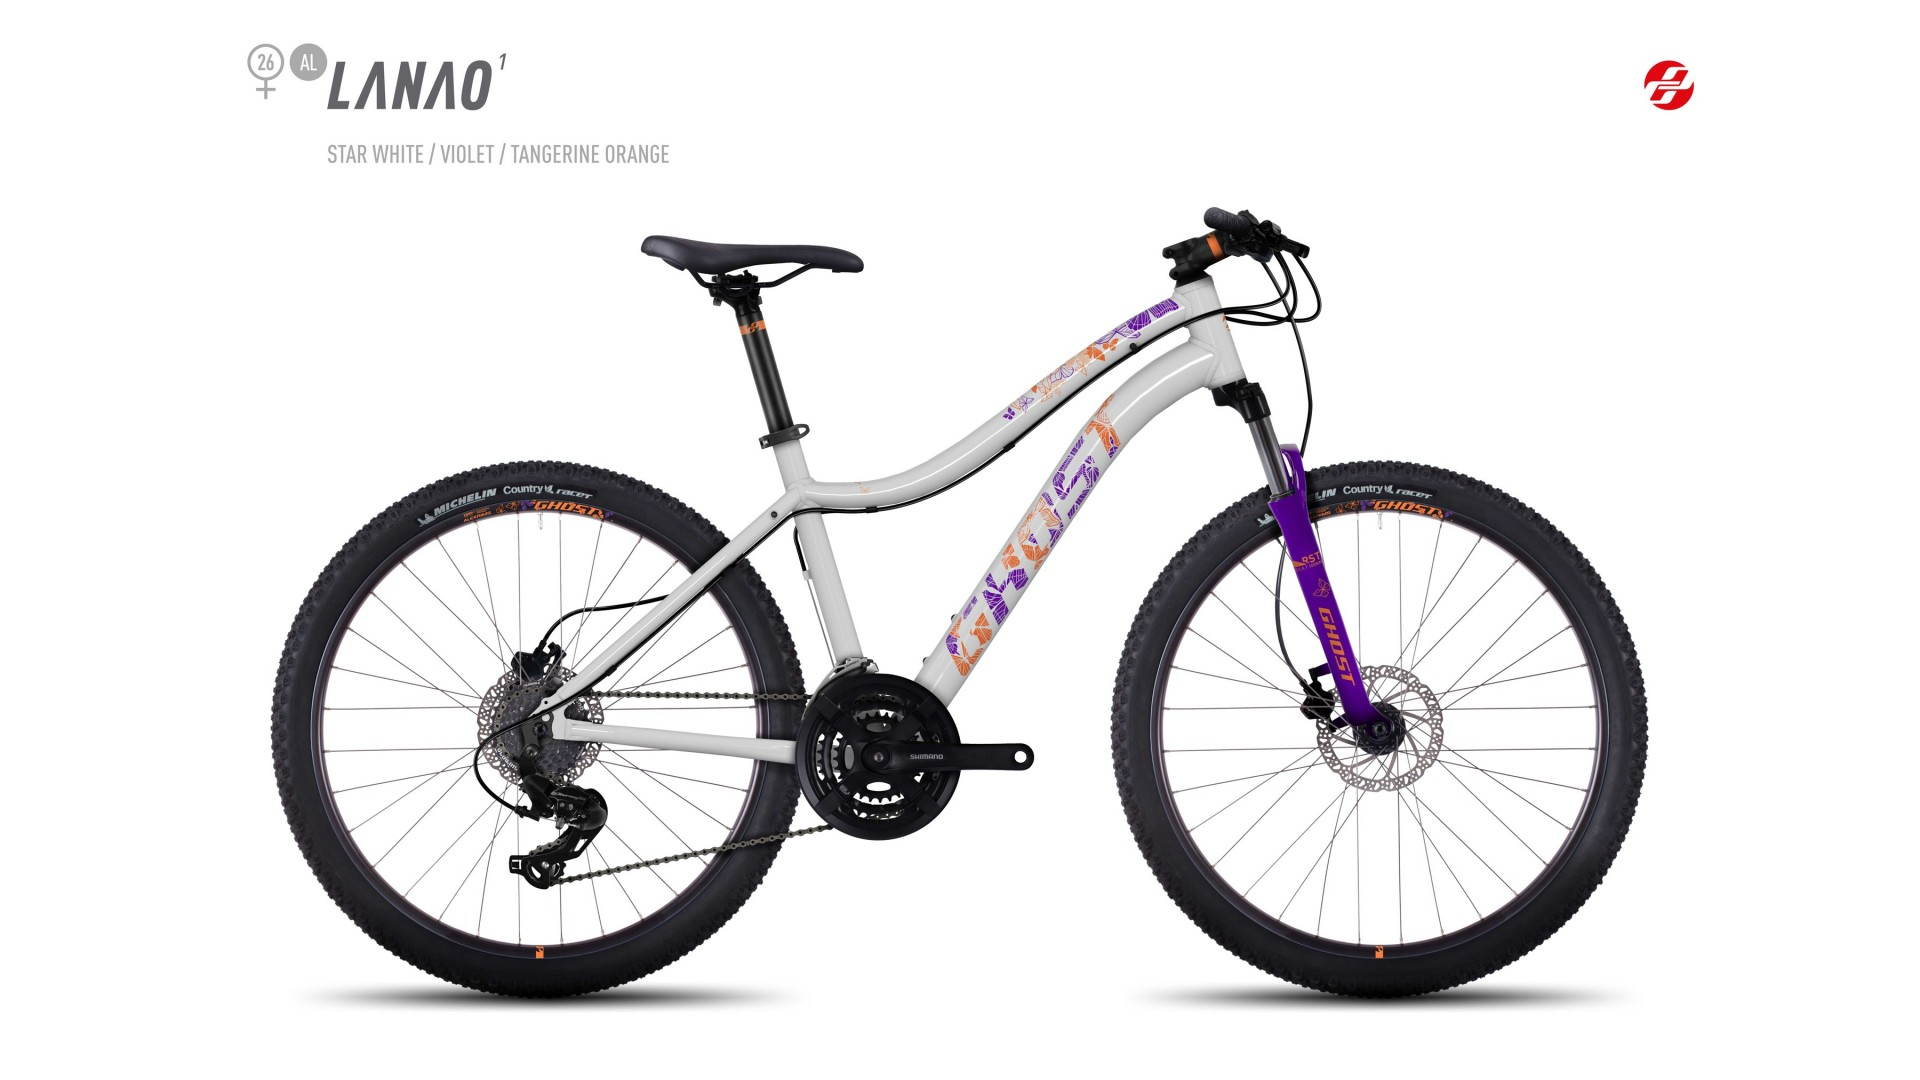 Велосипед GHOST Lanao 1 AL 26 starwhite/violet/tangerineorange год 2017